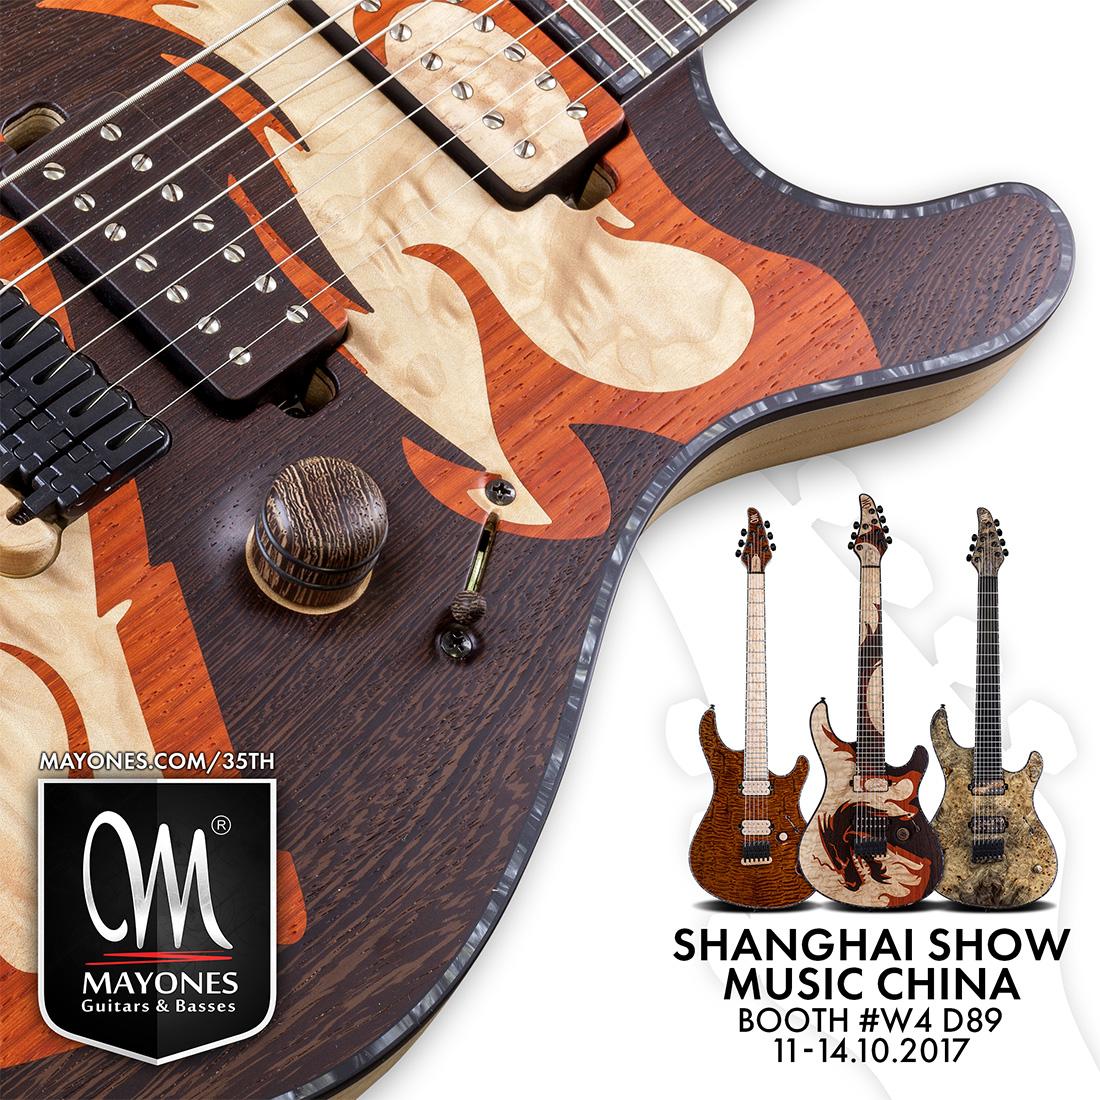 Mayones Guitars & Basses at Music China 2017